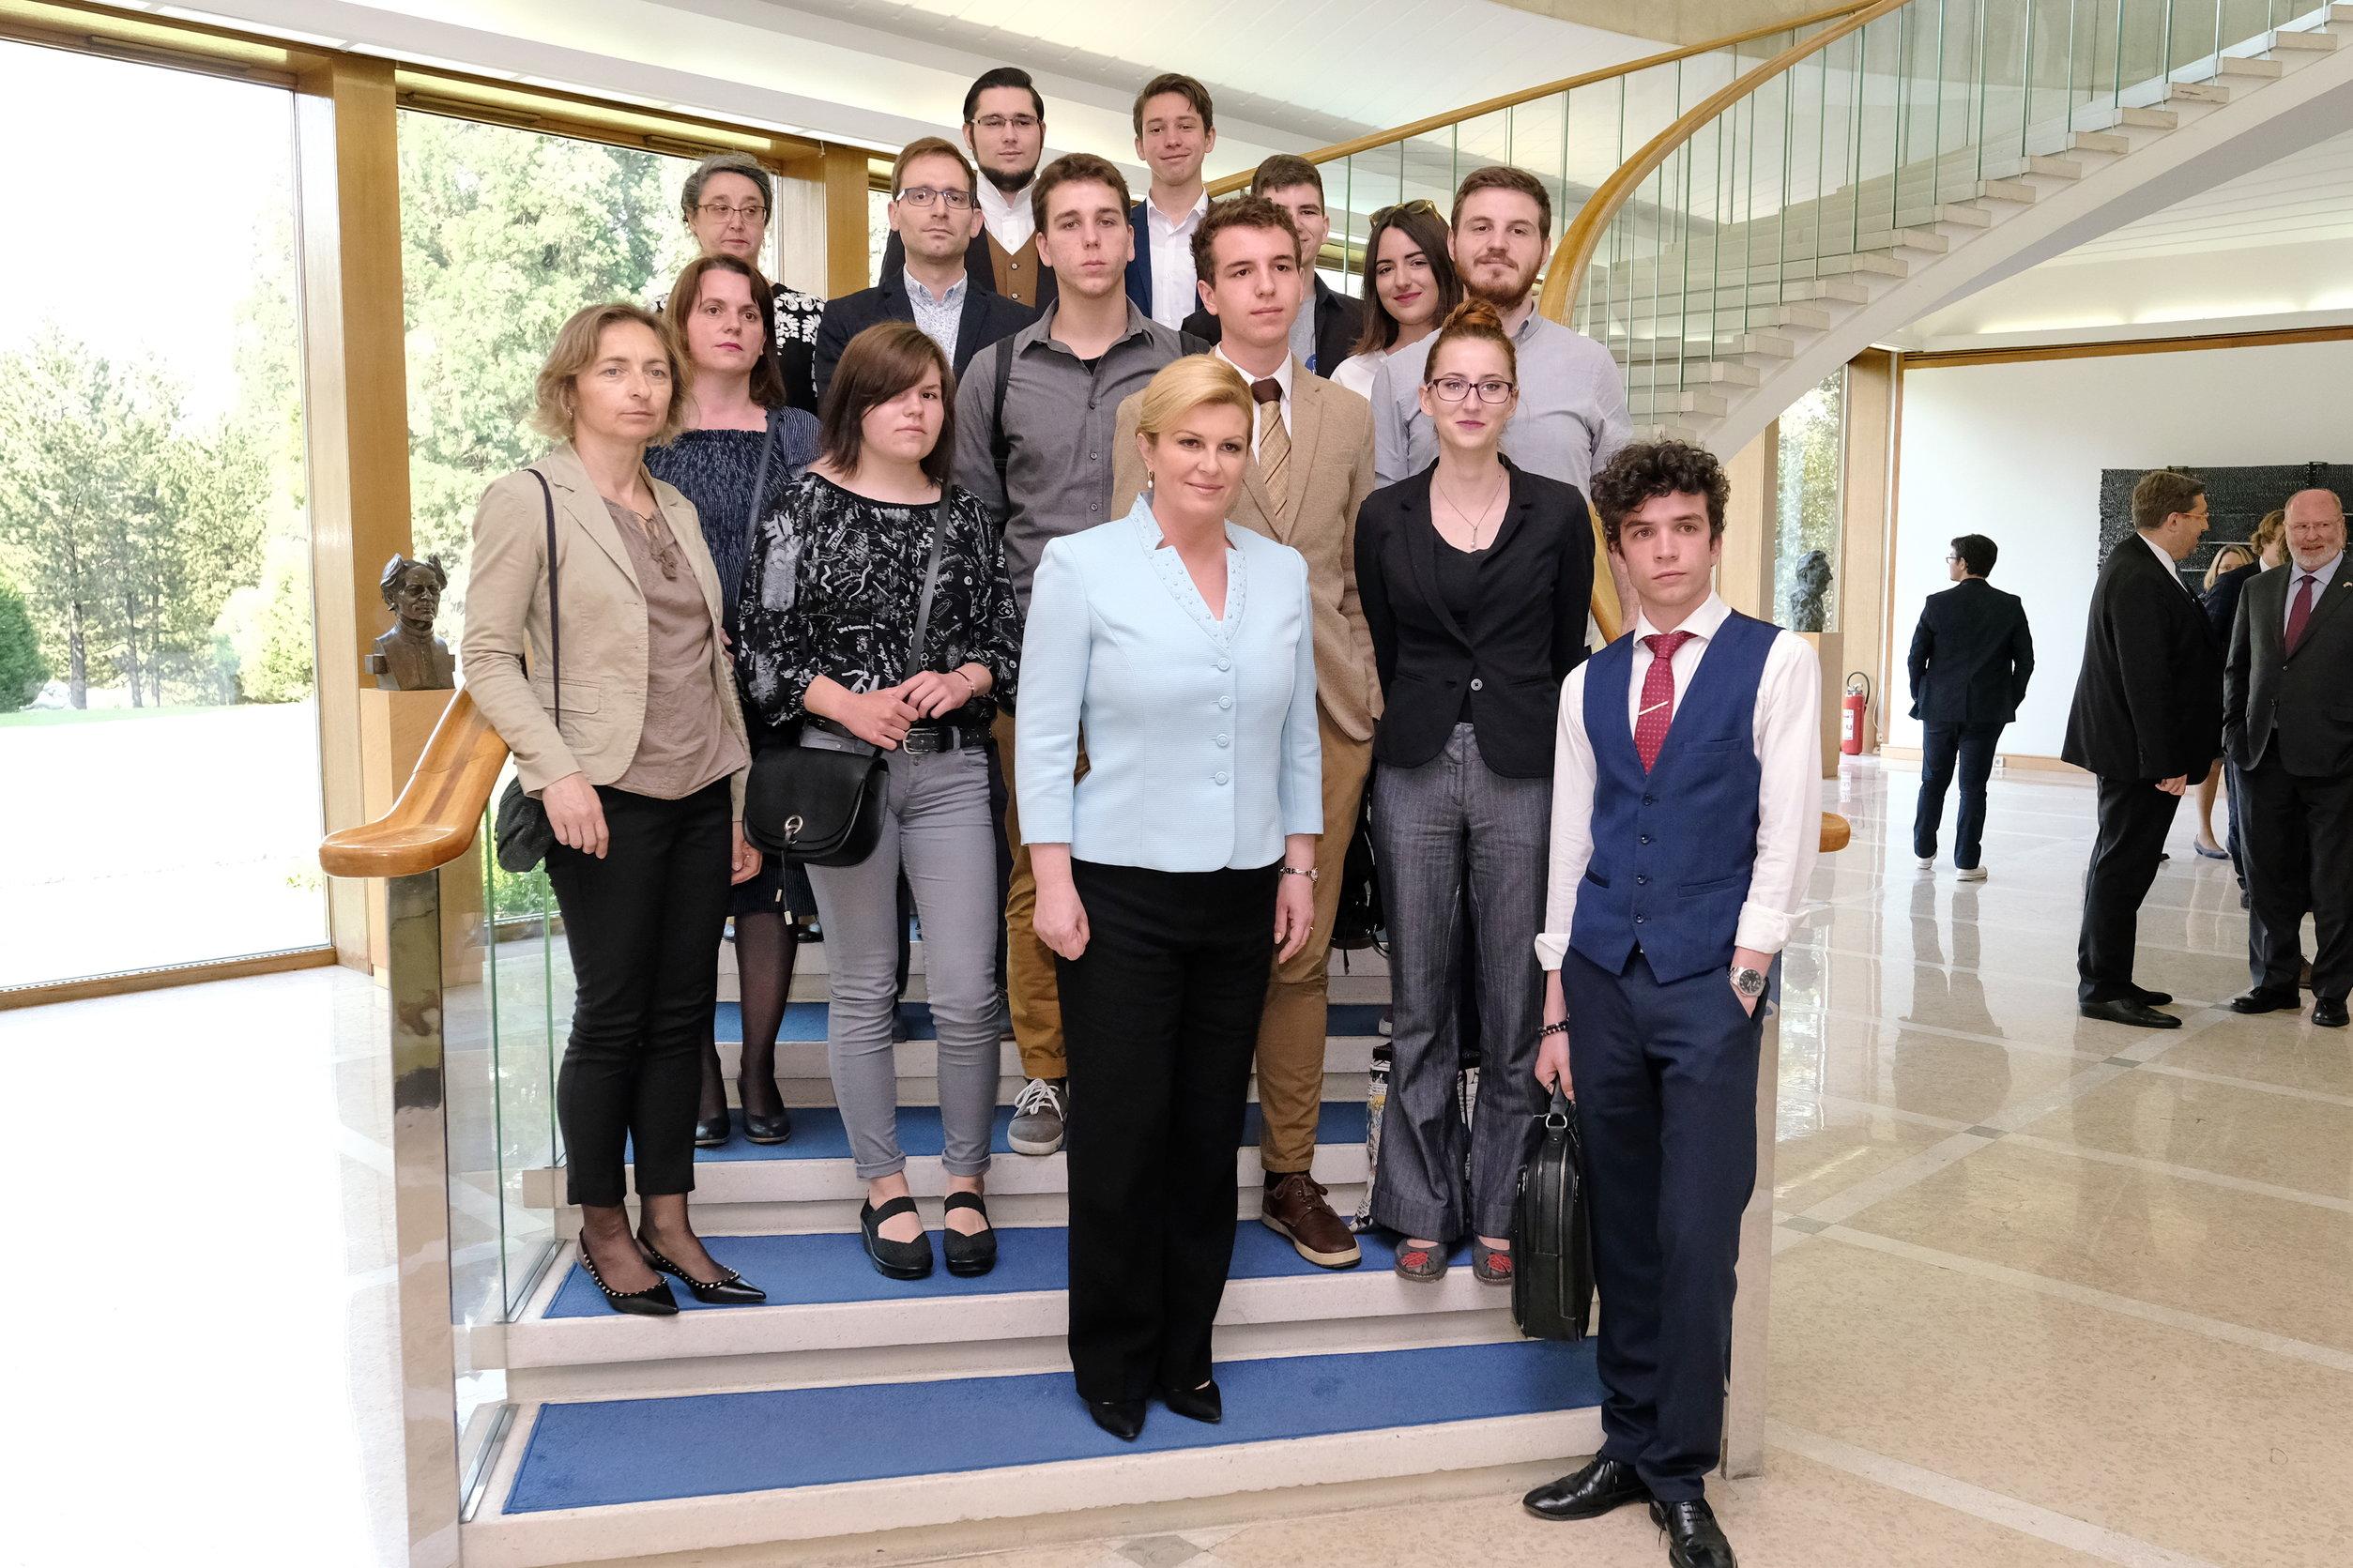 Grabar-Kitarović promiče ravnopravnost spolova među mladima